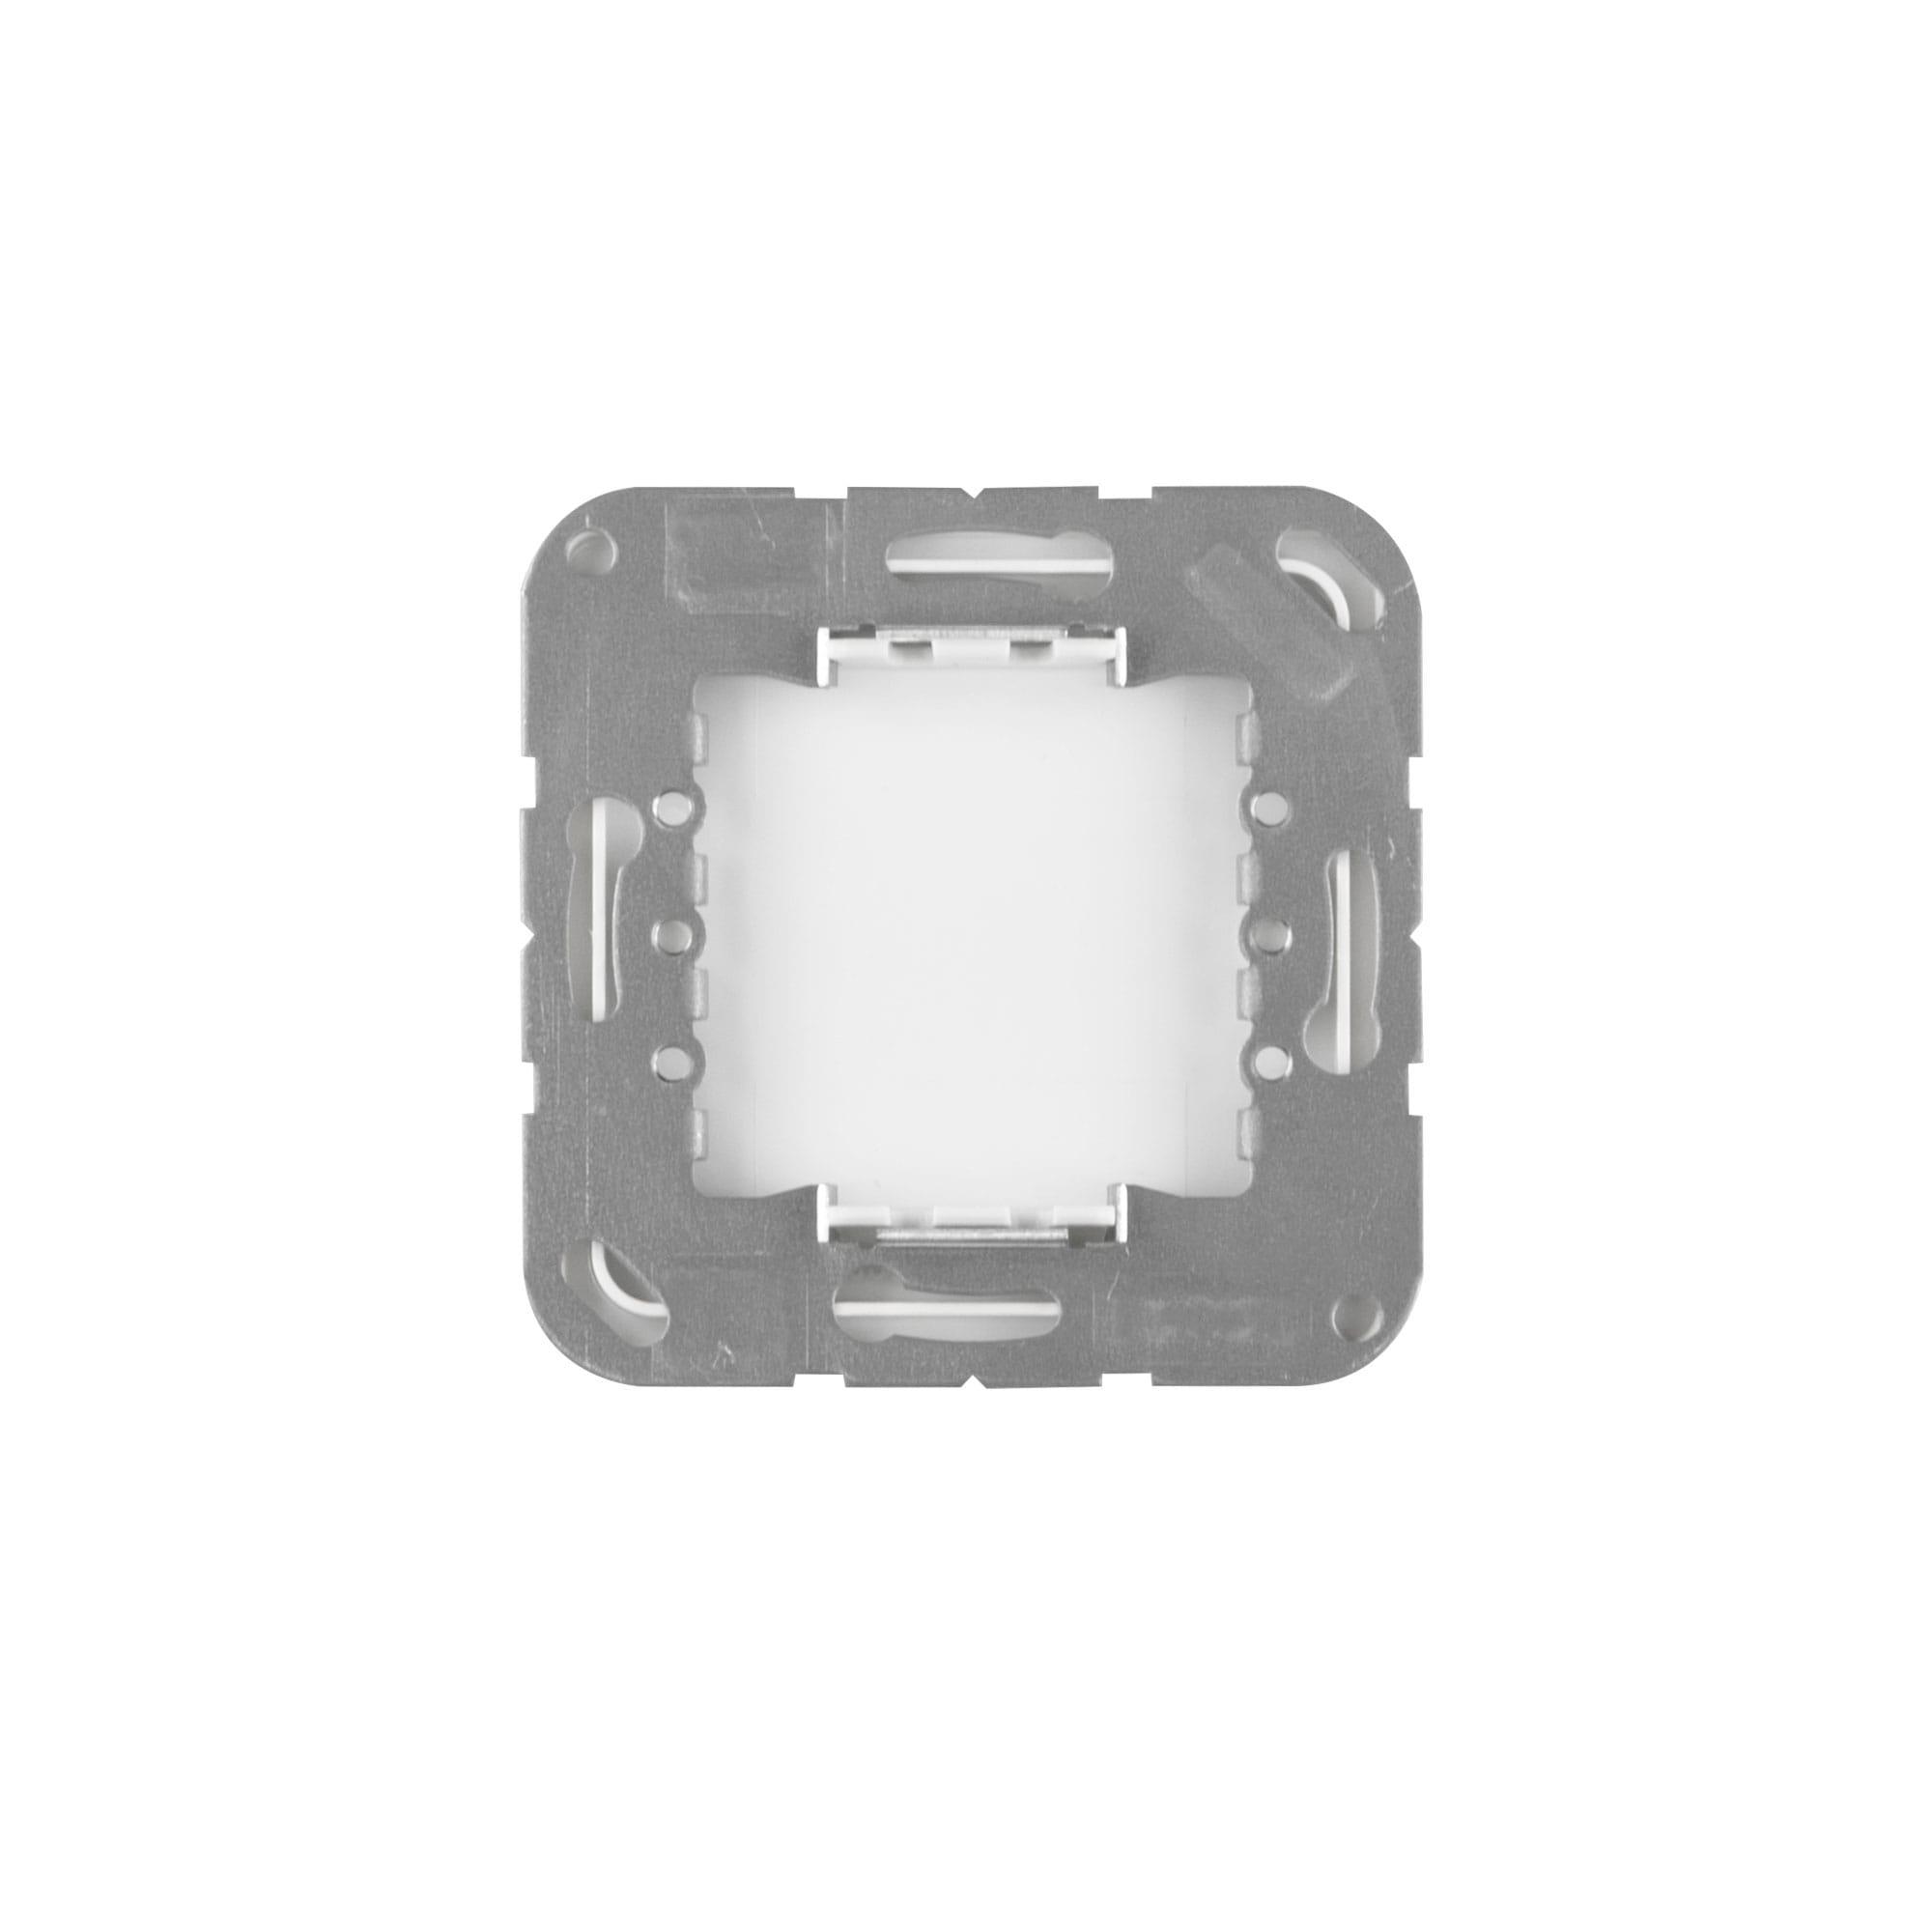 5 St/ück - SC705 mit Gewindestift Innen-/Ø = 13 mm A13 - - Edelstahl A2 SC-Normteile - DIN 705 Form A V2A DIN 914, mit Spitze Stellringe f/ür Welle//Achse